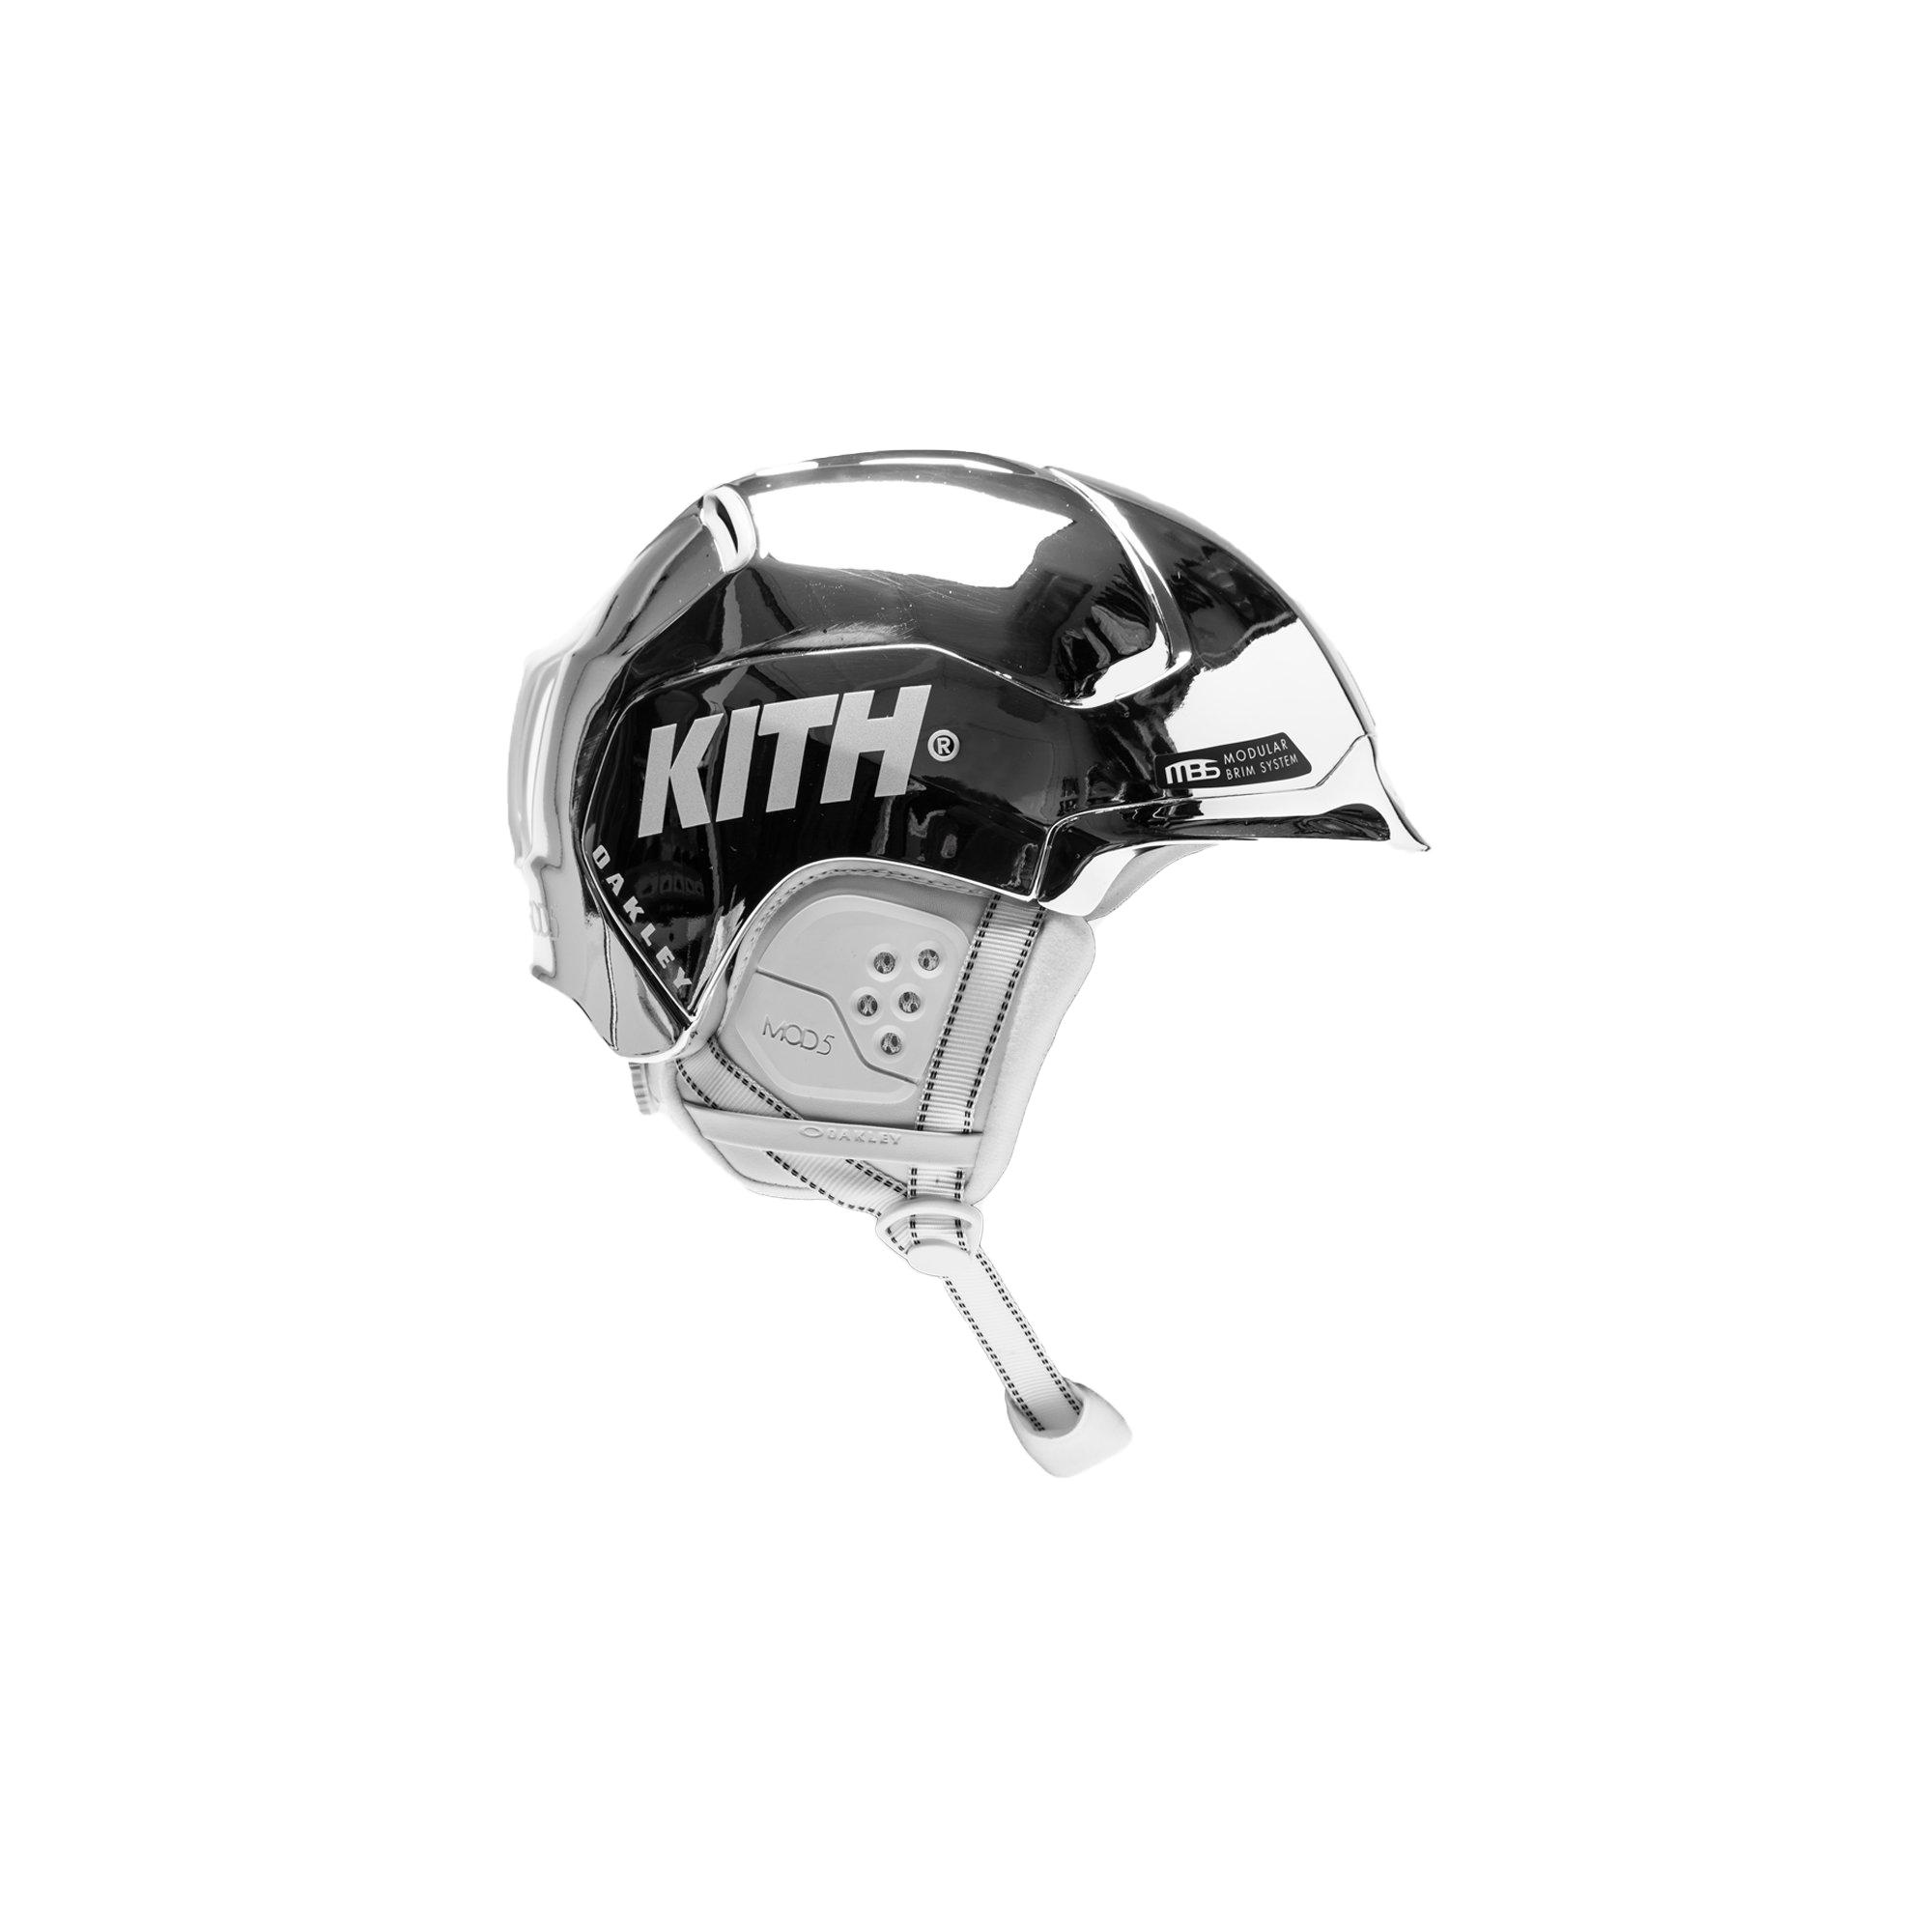 Kith x Oakley Mod5 Helmet Chrome